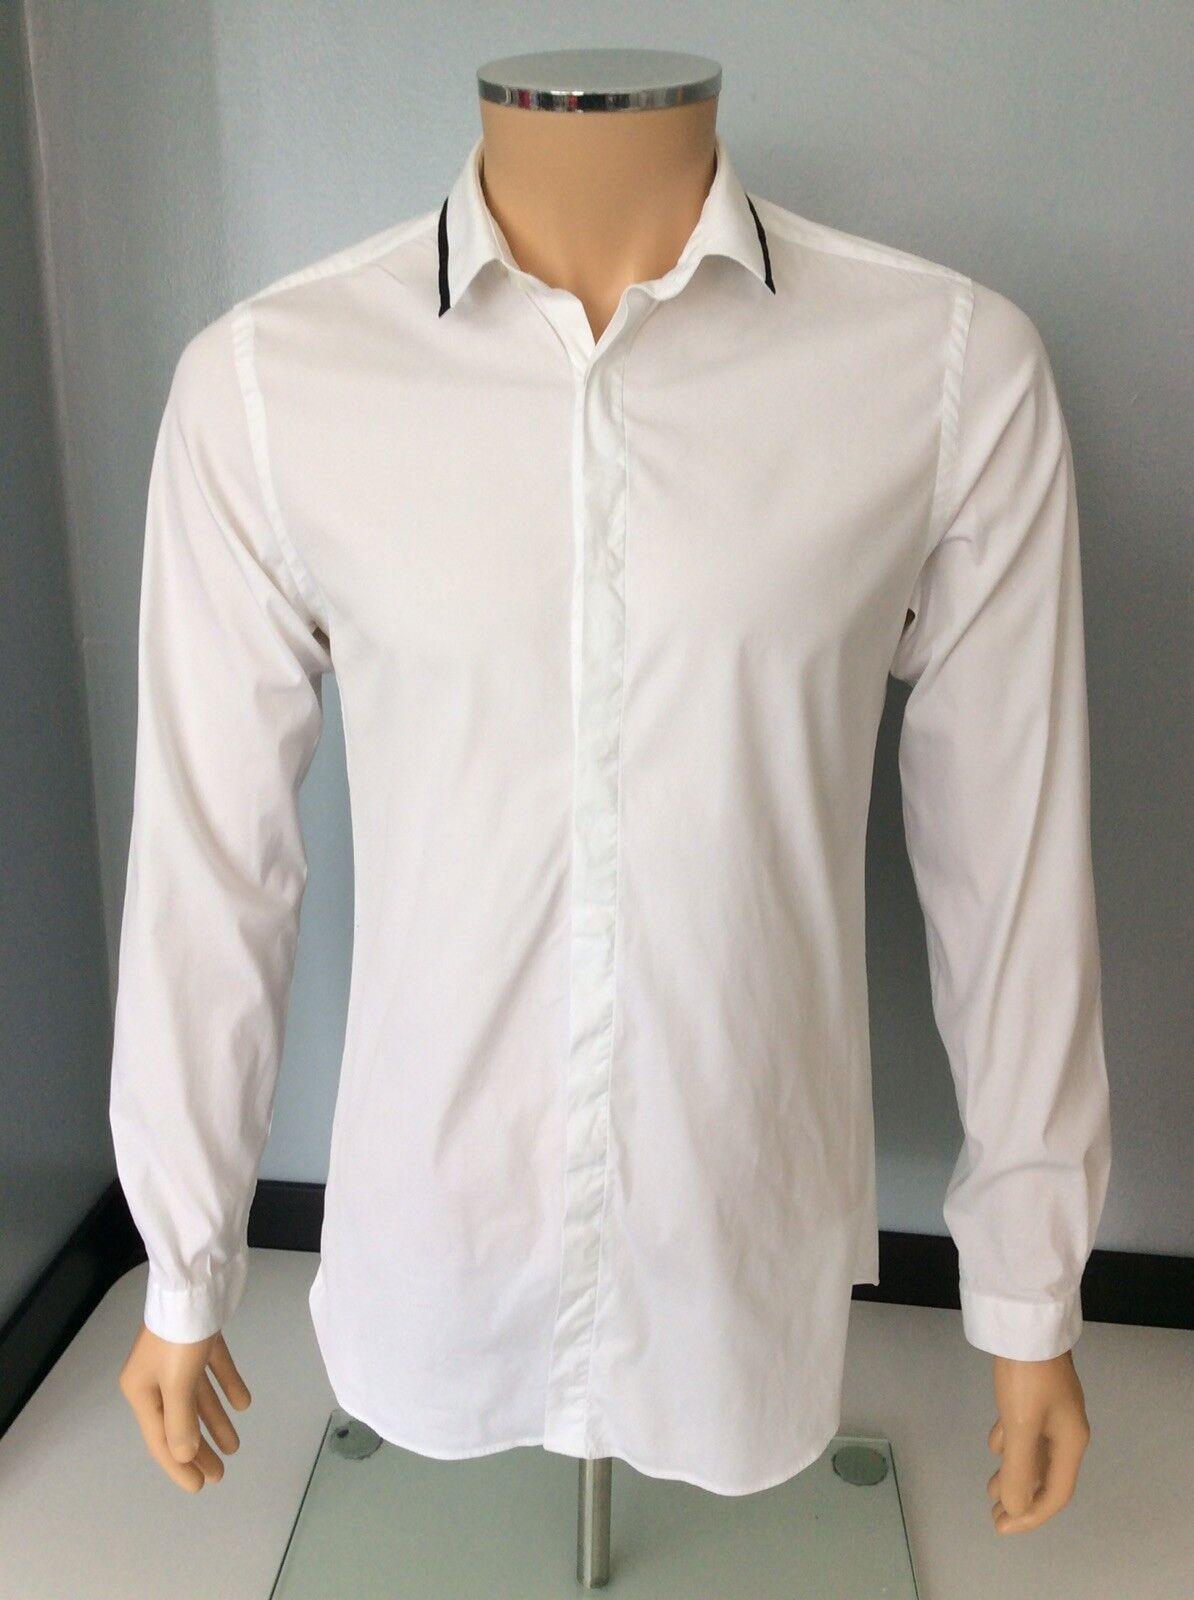 La camicia da uomo KOOPLES TAGLIA S SMALL in buonissima condizione controllato